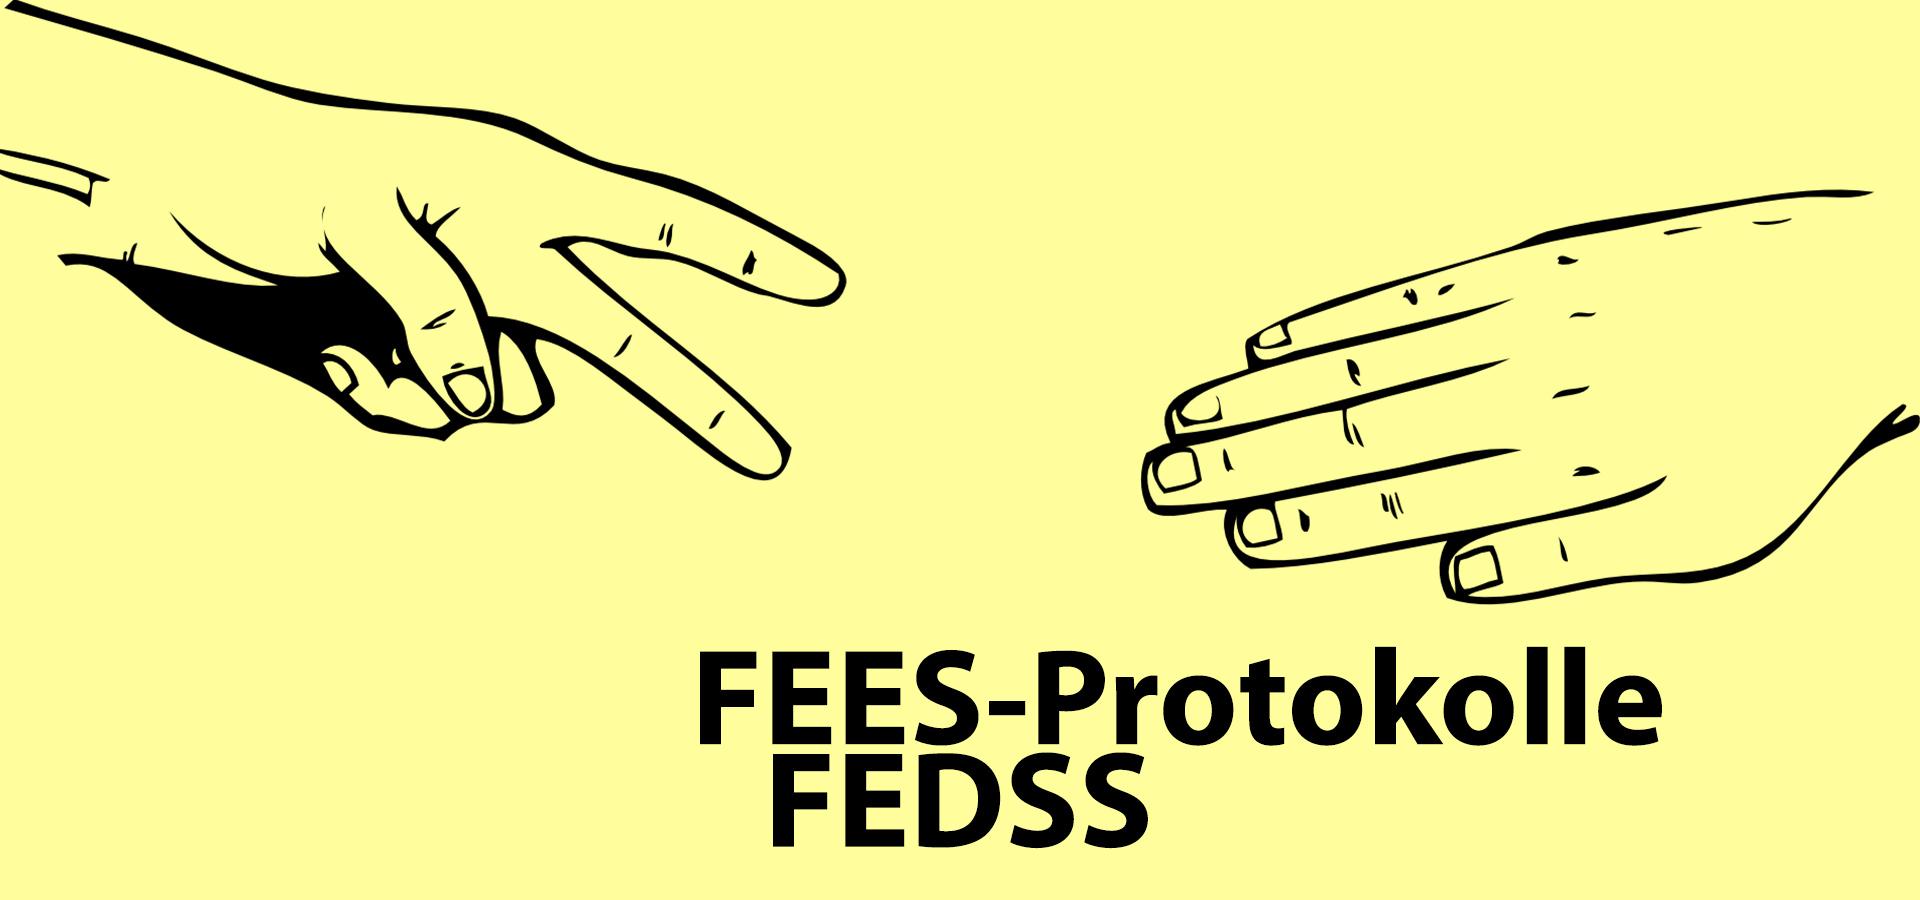 FEES Protokolle FEDSS